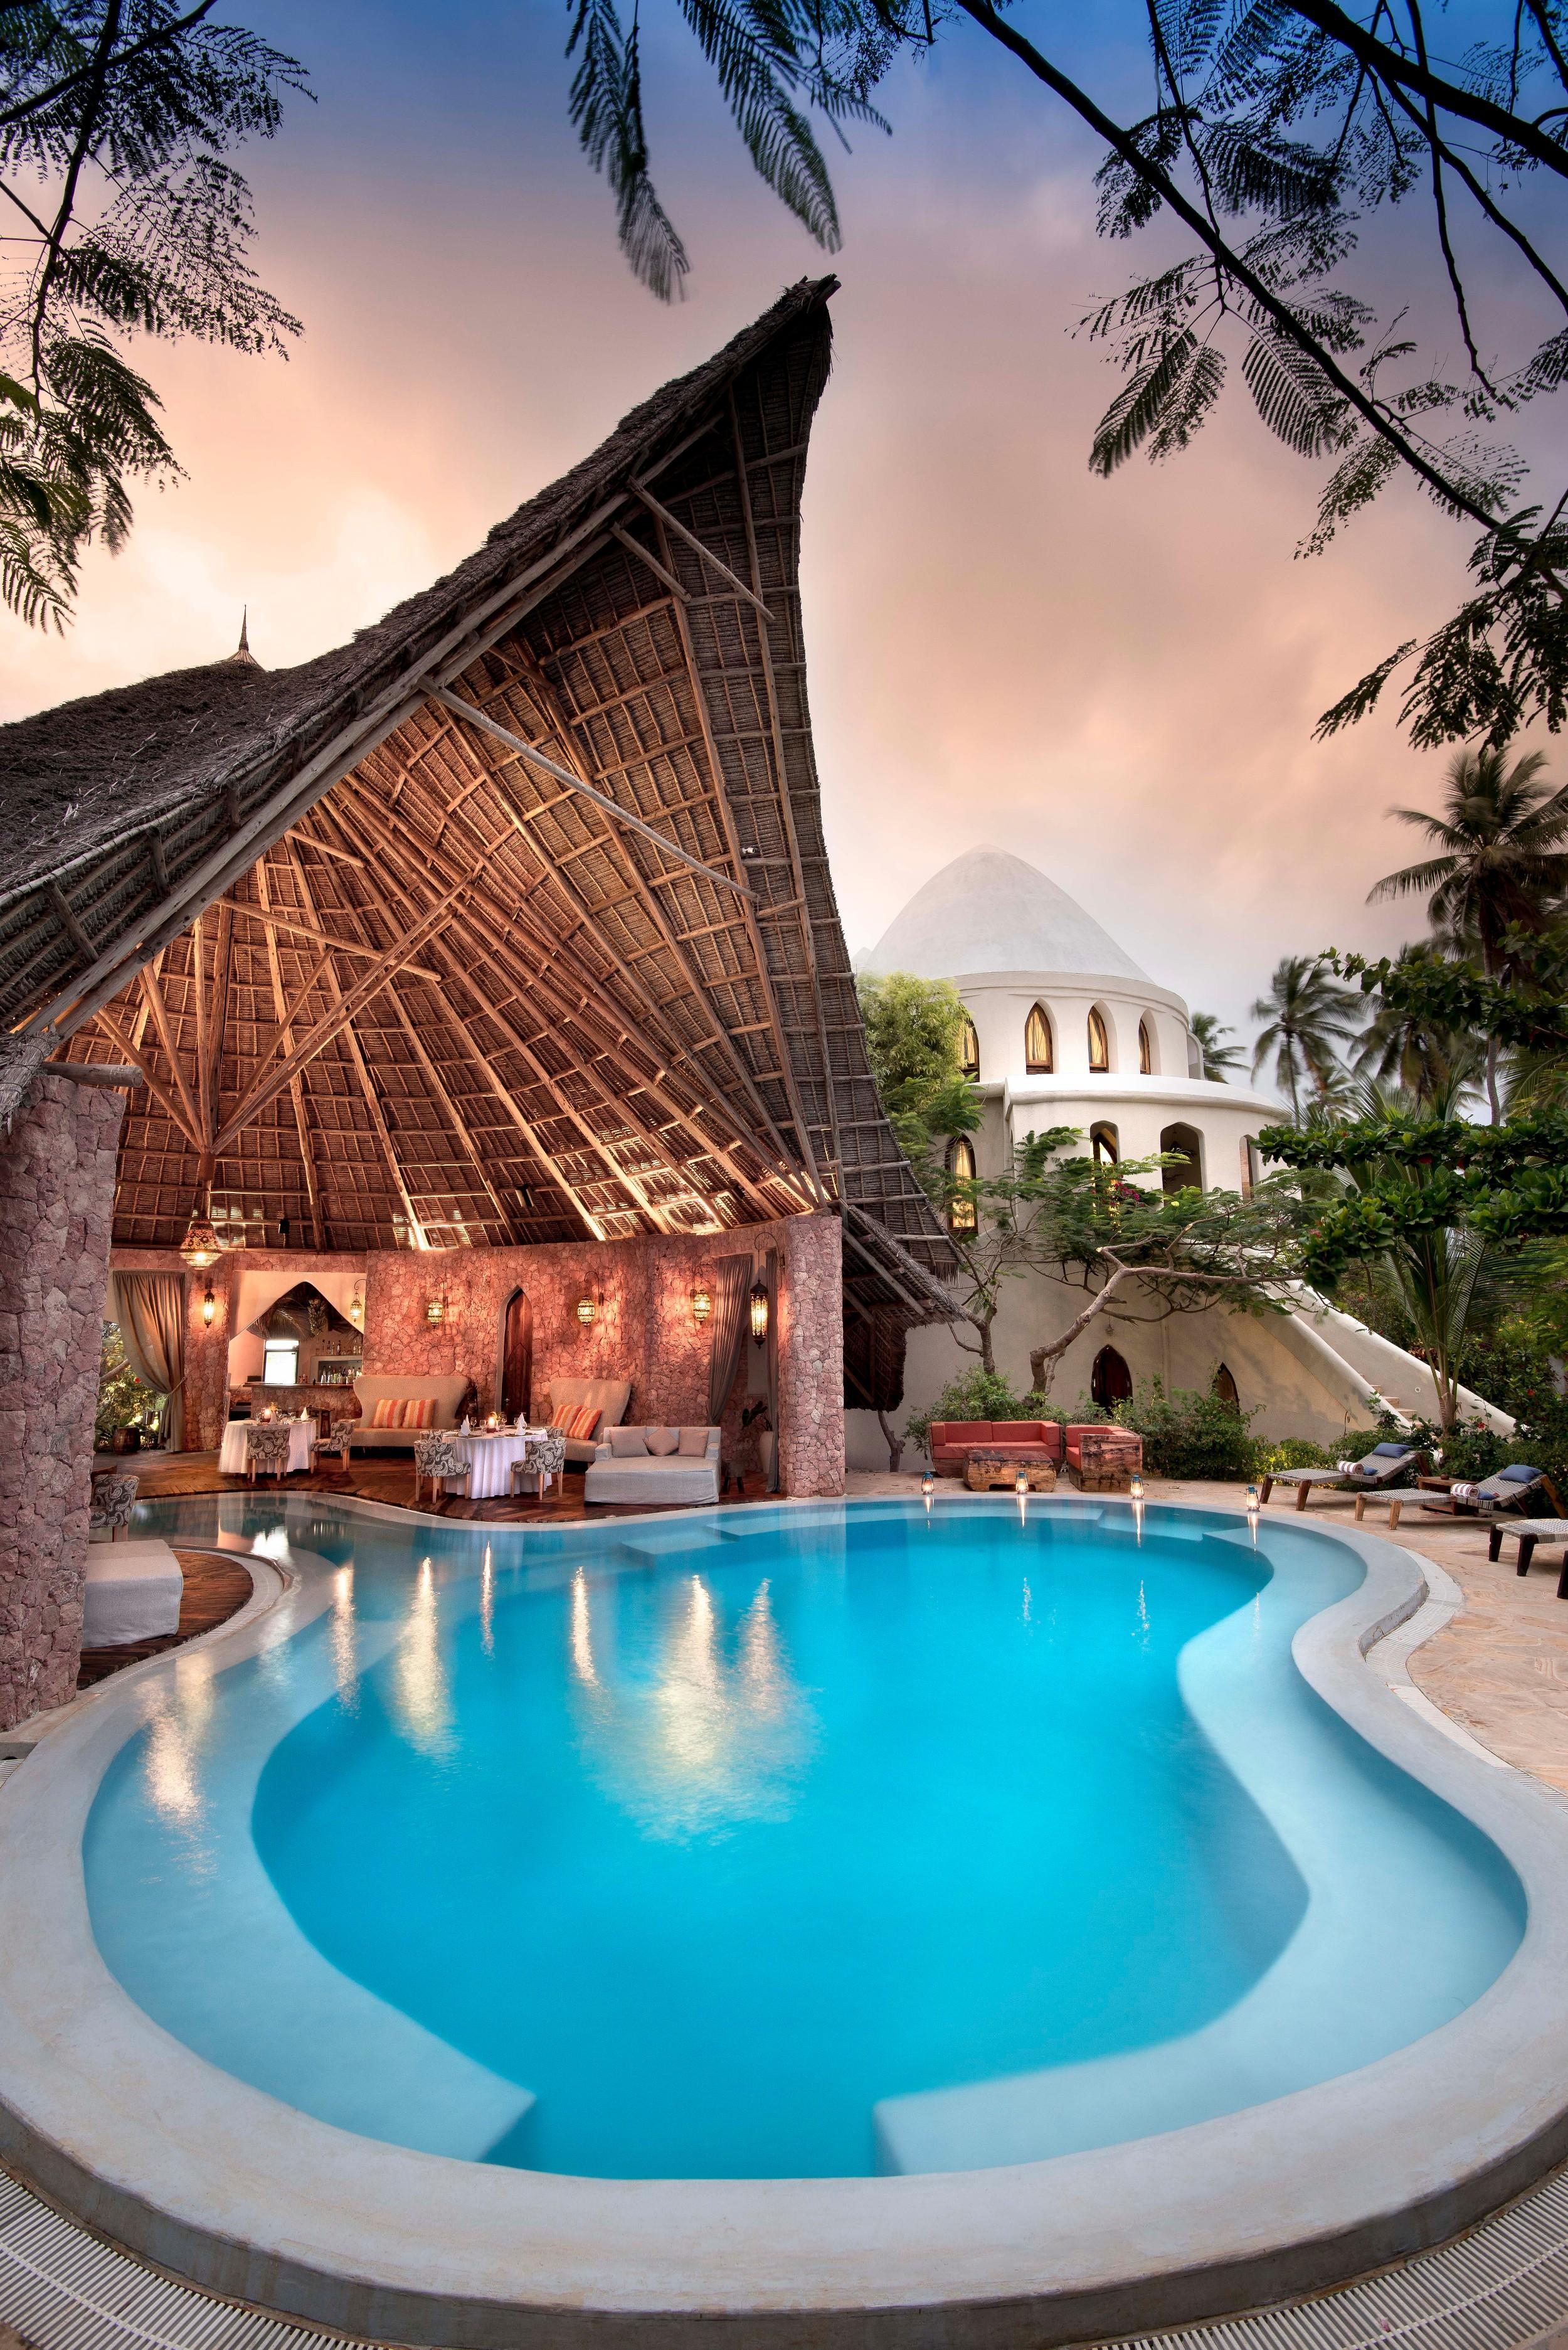 Restaurant & Pool.jpg